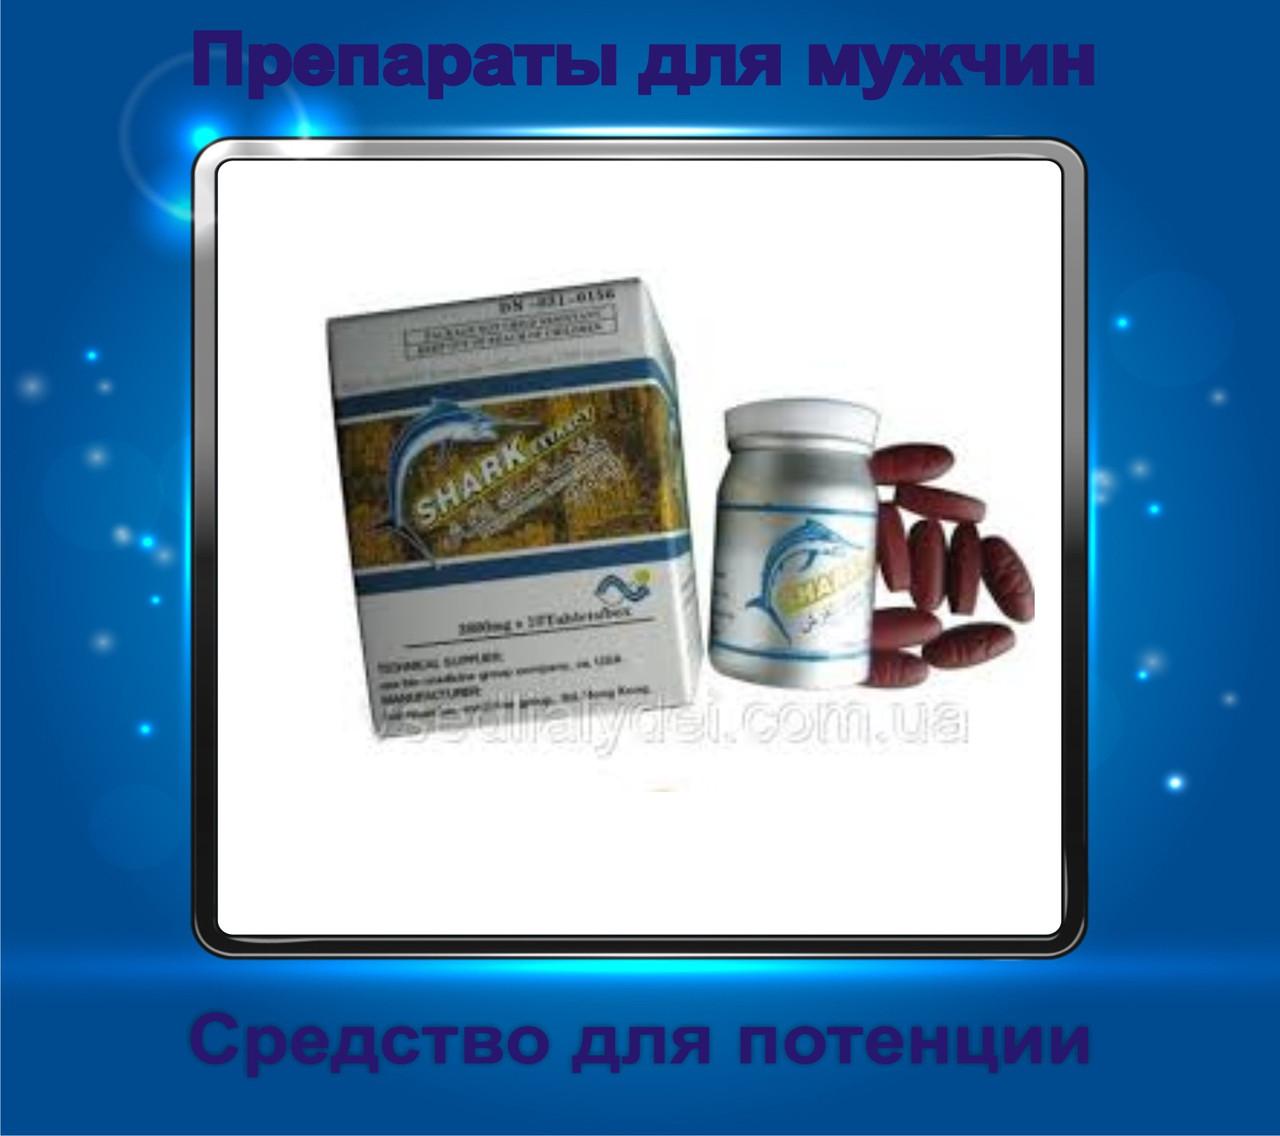 Препарат для повышения потенции Shark extract  Акулья эссенция (10 таблеток).